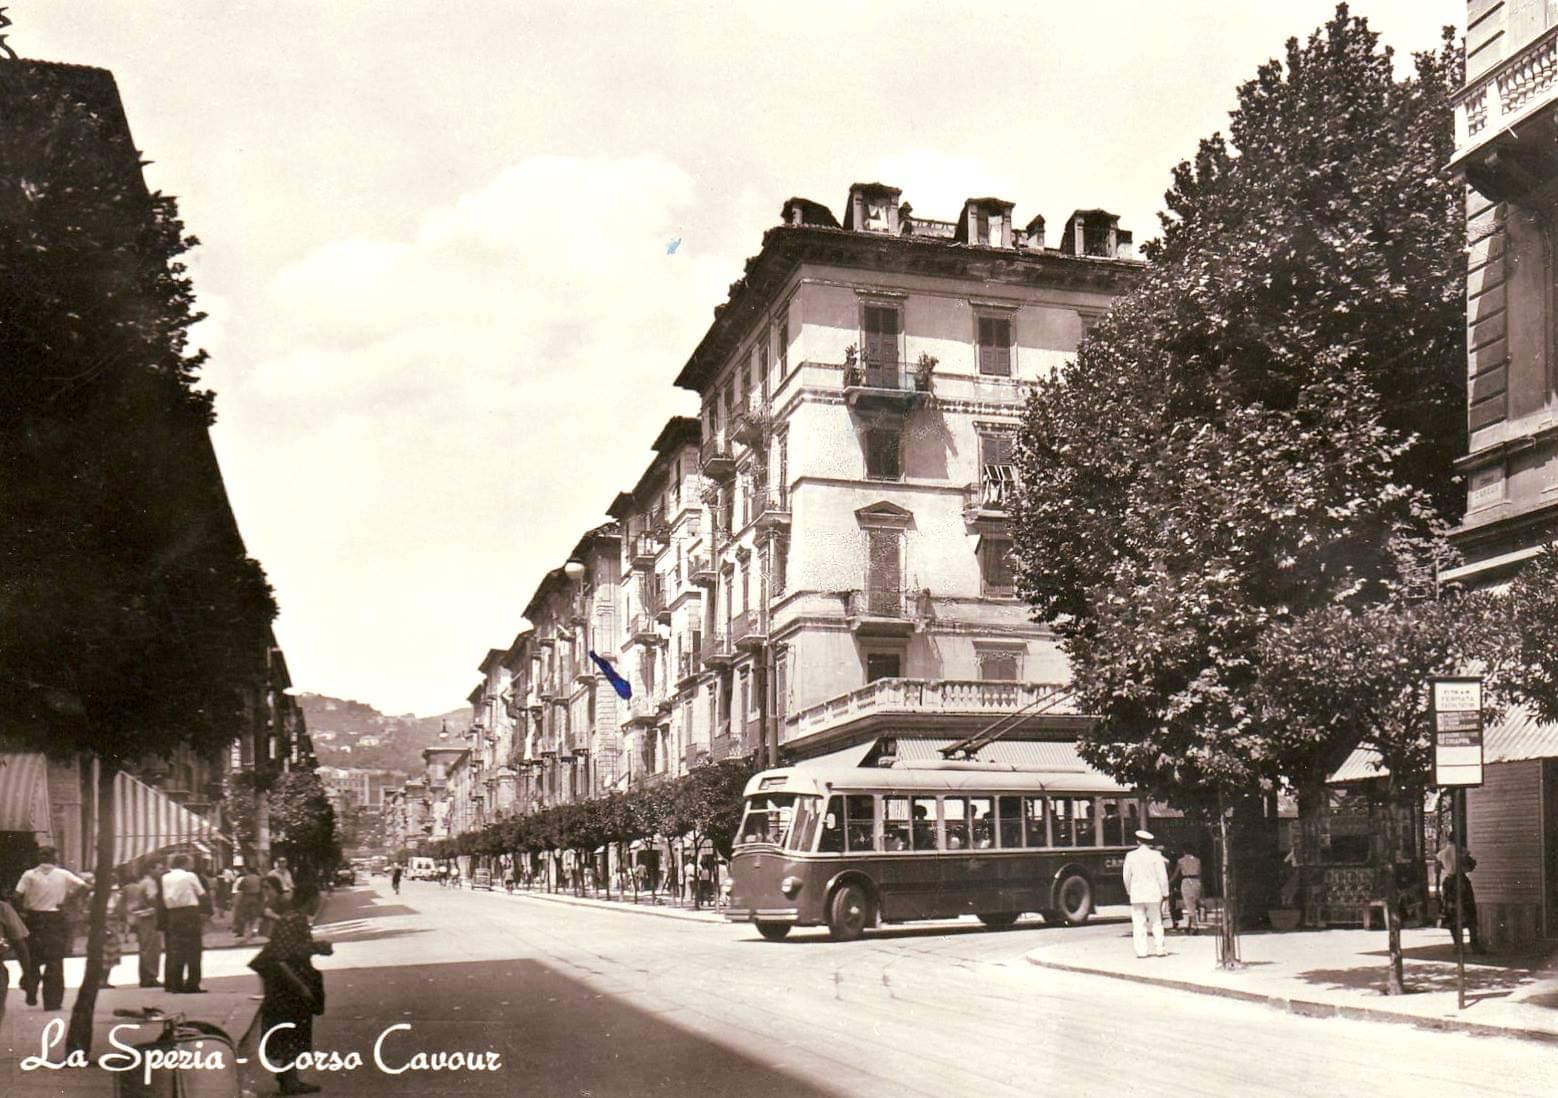 Tato stará pohlednice zaujme nejen trolejbusem... (foto: archiv Zdeňka Sýkory)